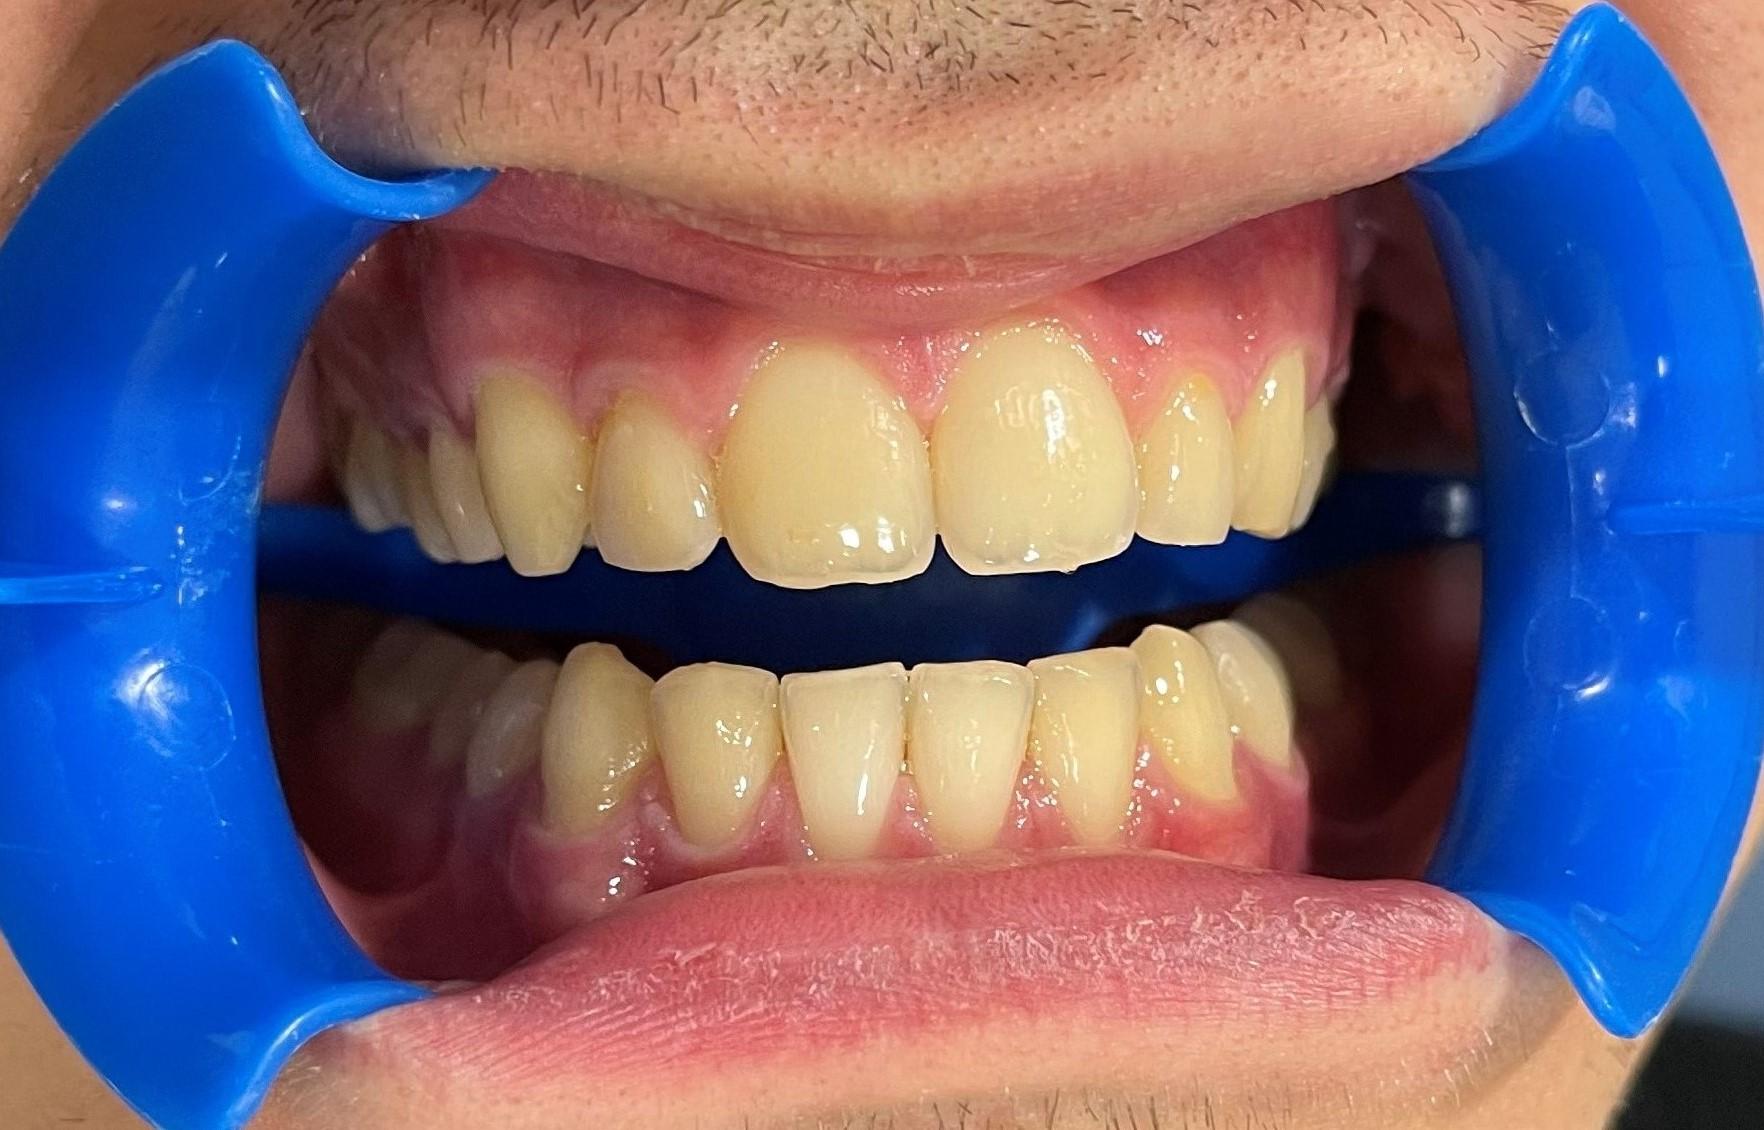 dientes amarillos sin blanqueamiento